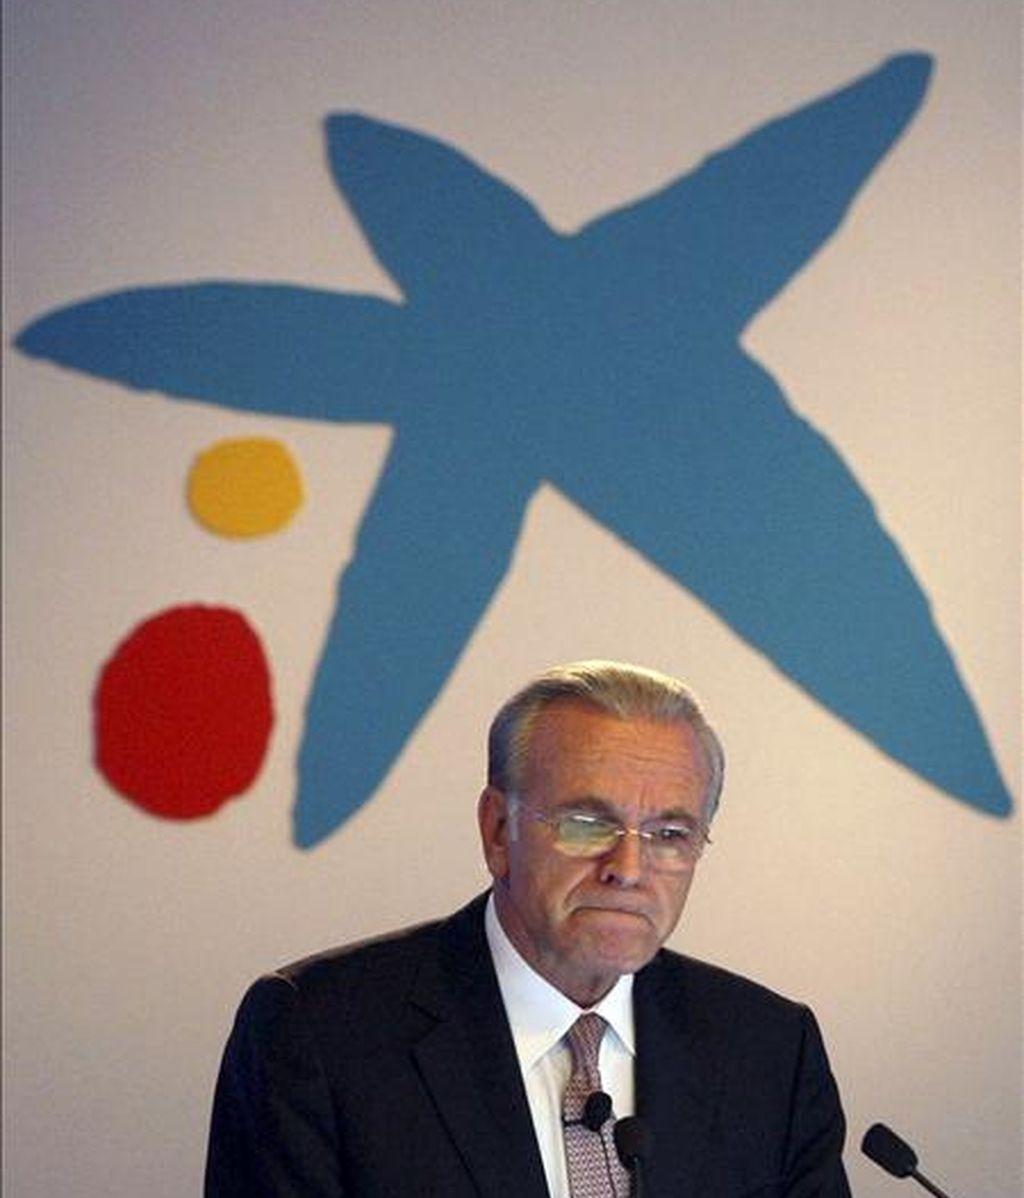 El presidente de la La Caixa, Isidre Fainé. EFE/Archivo